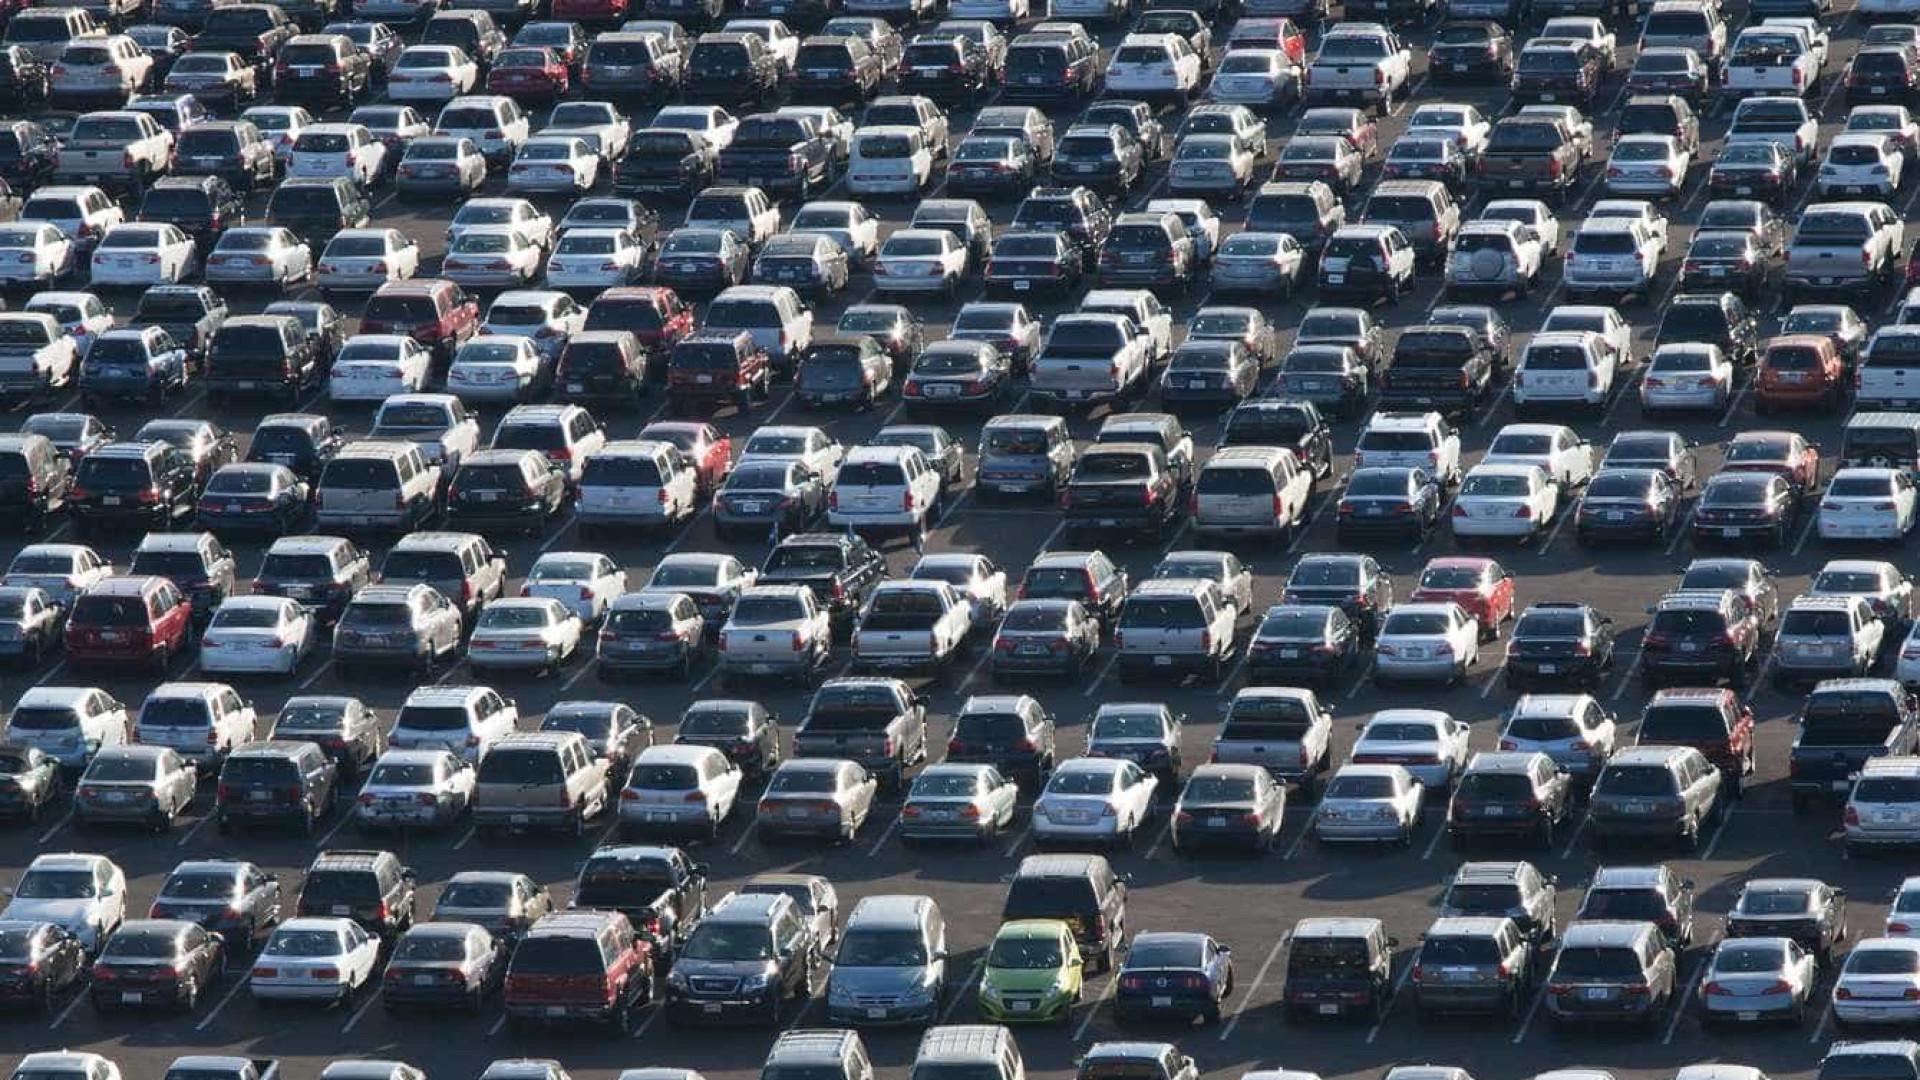 Carros vendidos em todo o mundo devem totalizar 100 milhões em 2019